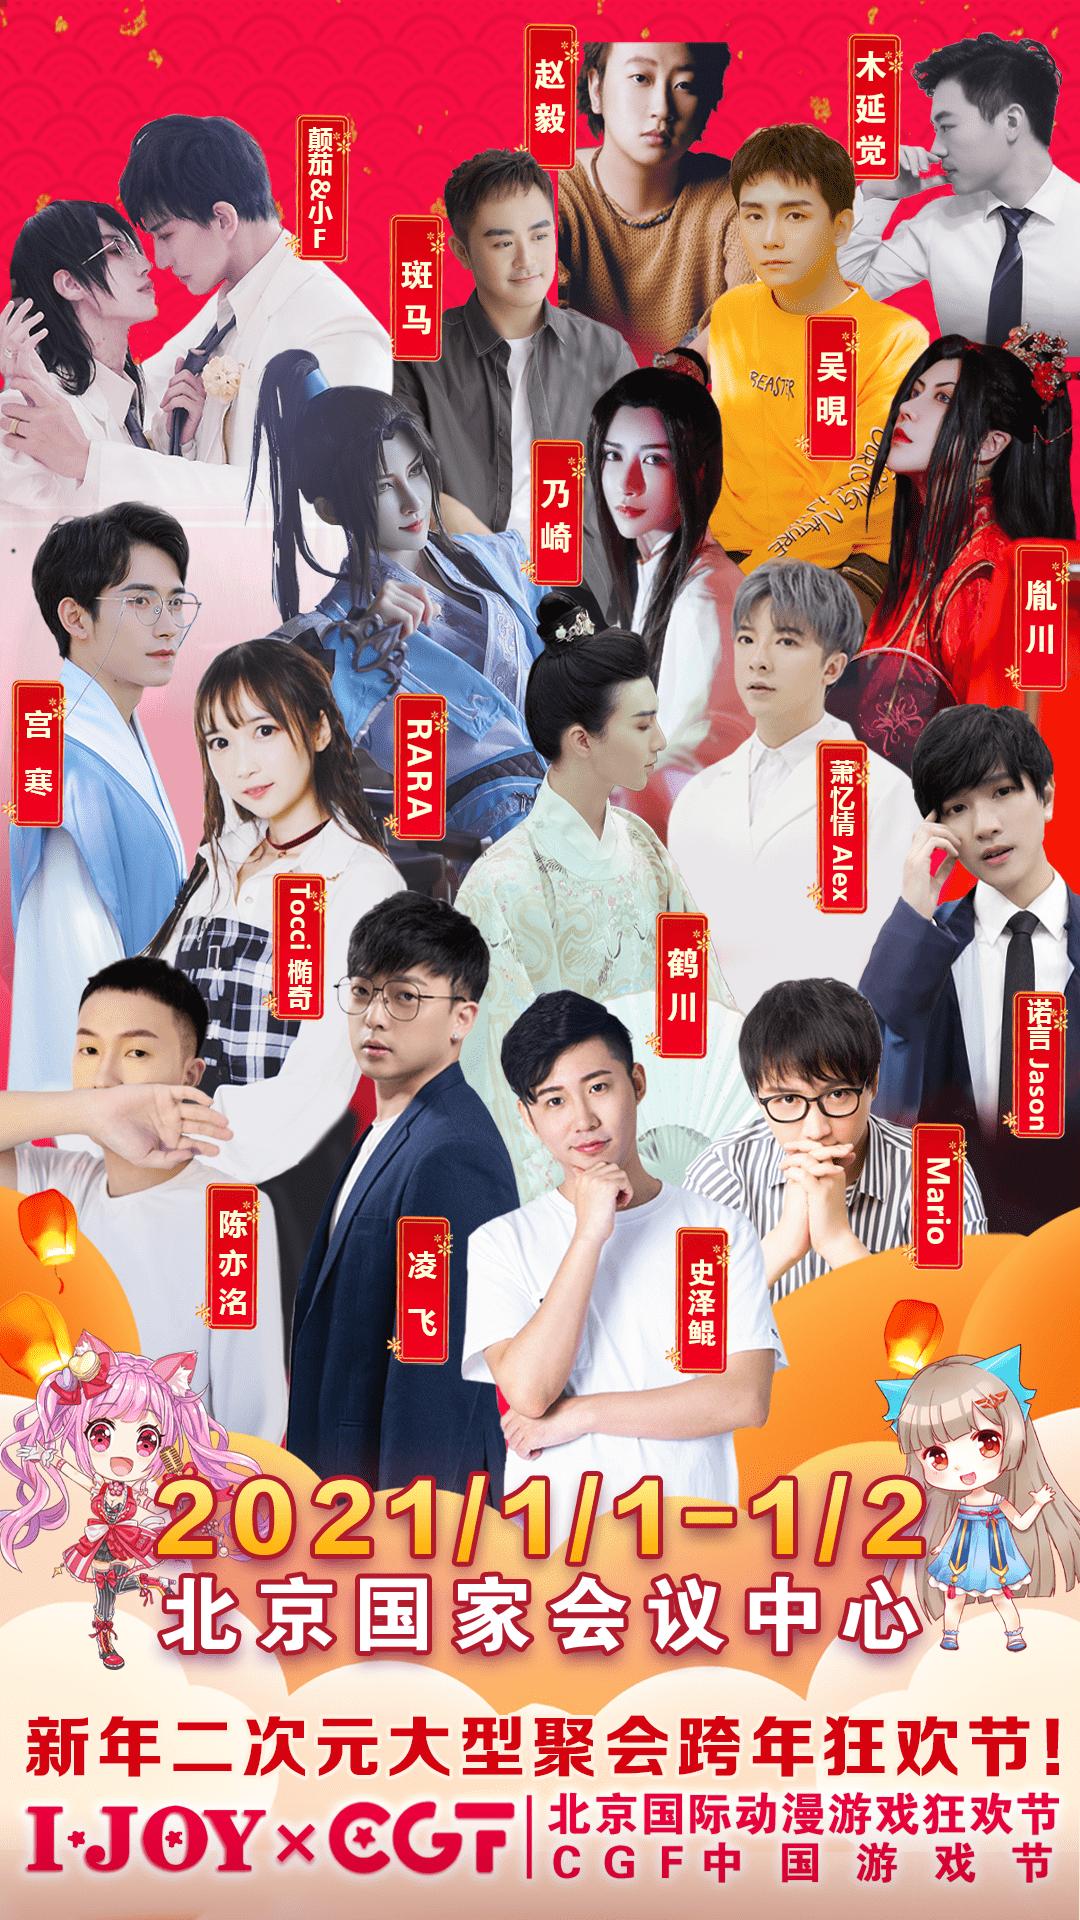 元旦IJOY × CGF北京大型动漫游戏狂欢节 和小伙伴们相约北京国家会议中心 展会活动-第2张